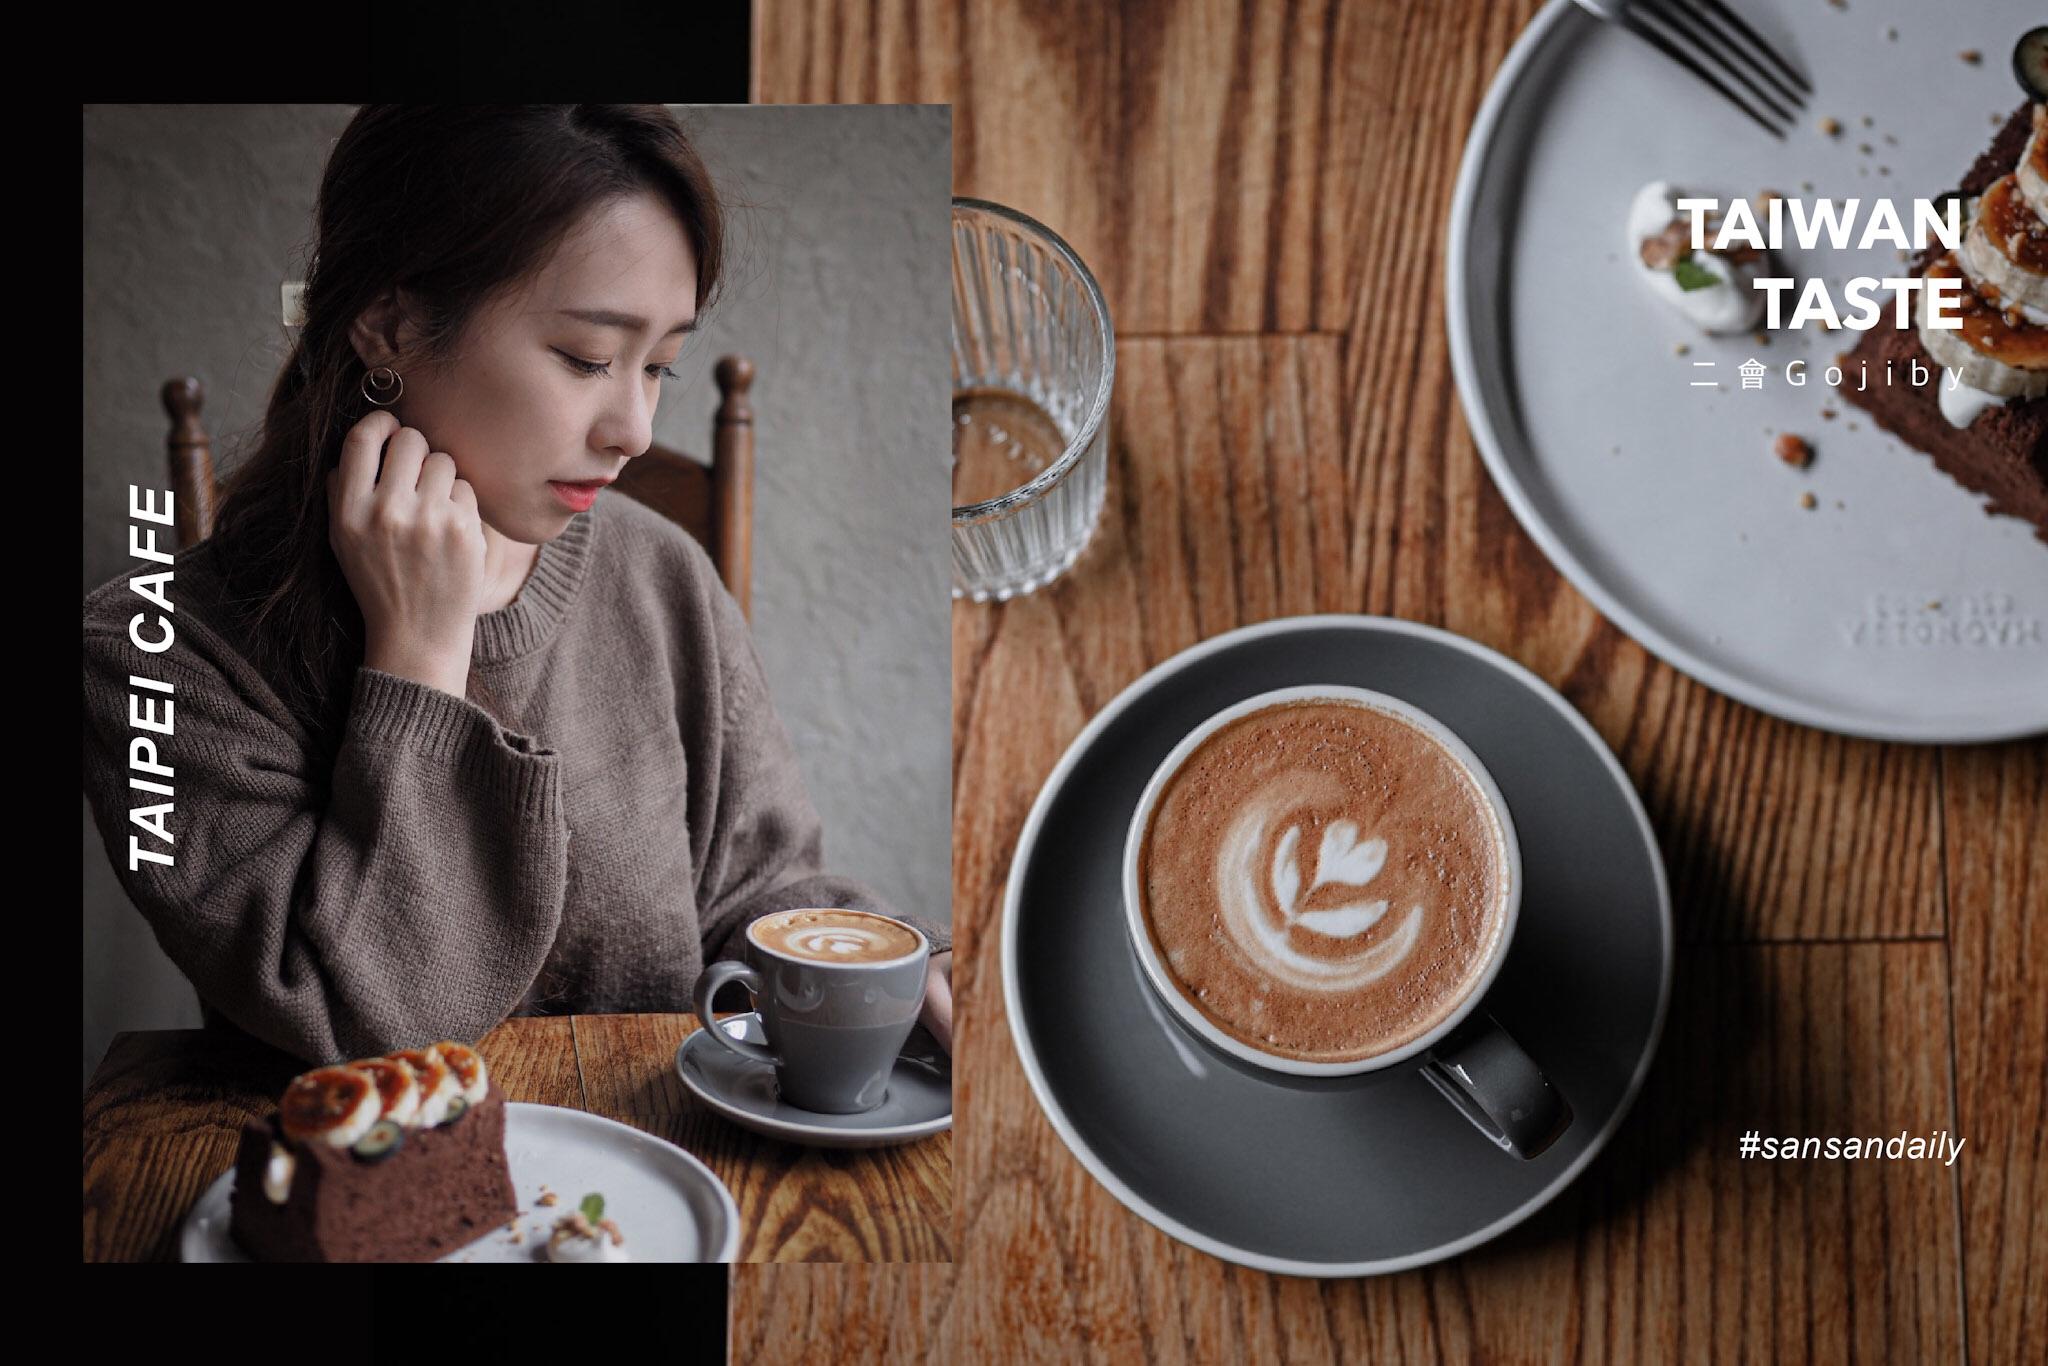 老宅改造 文青最愛 復古時髦的迷人小店 北車不限時浪漫咖啡廳 京站後巷二樓|sansan吃台北